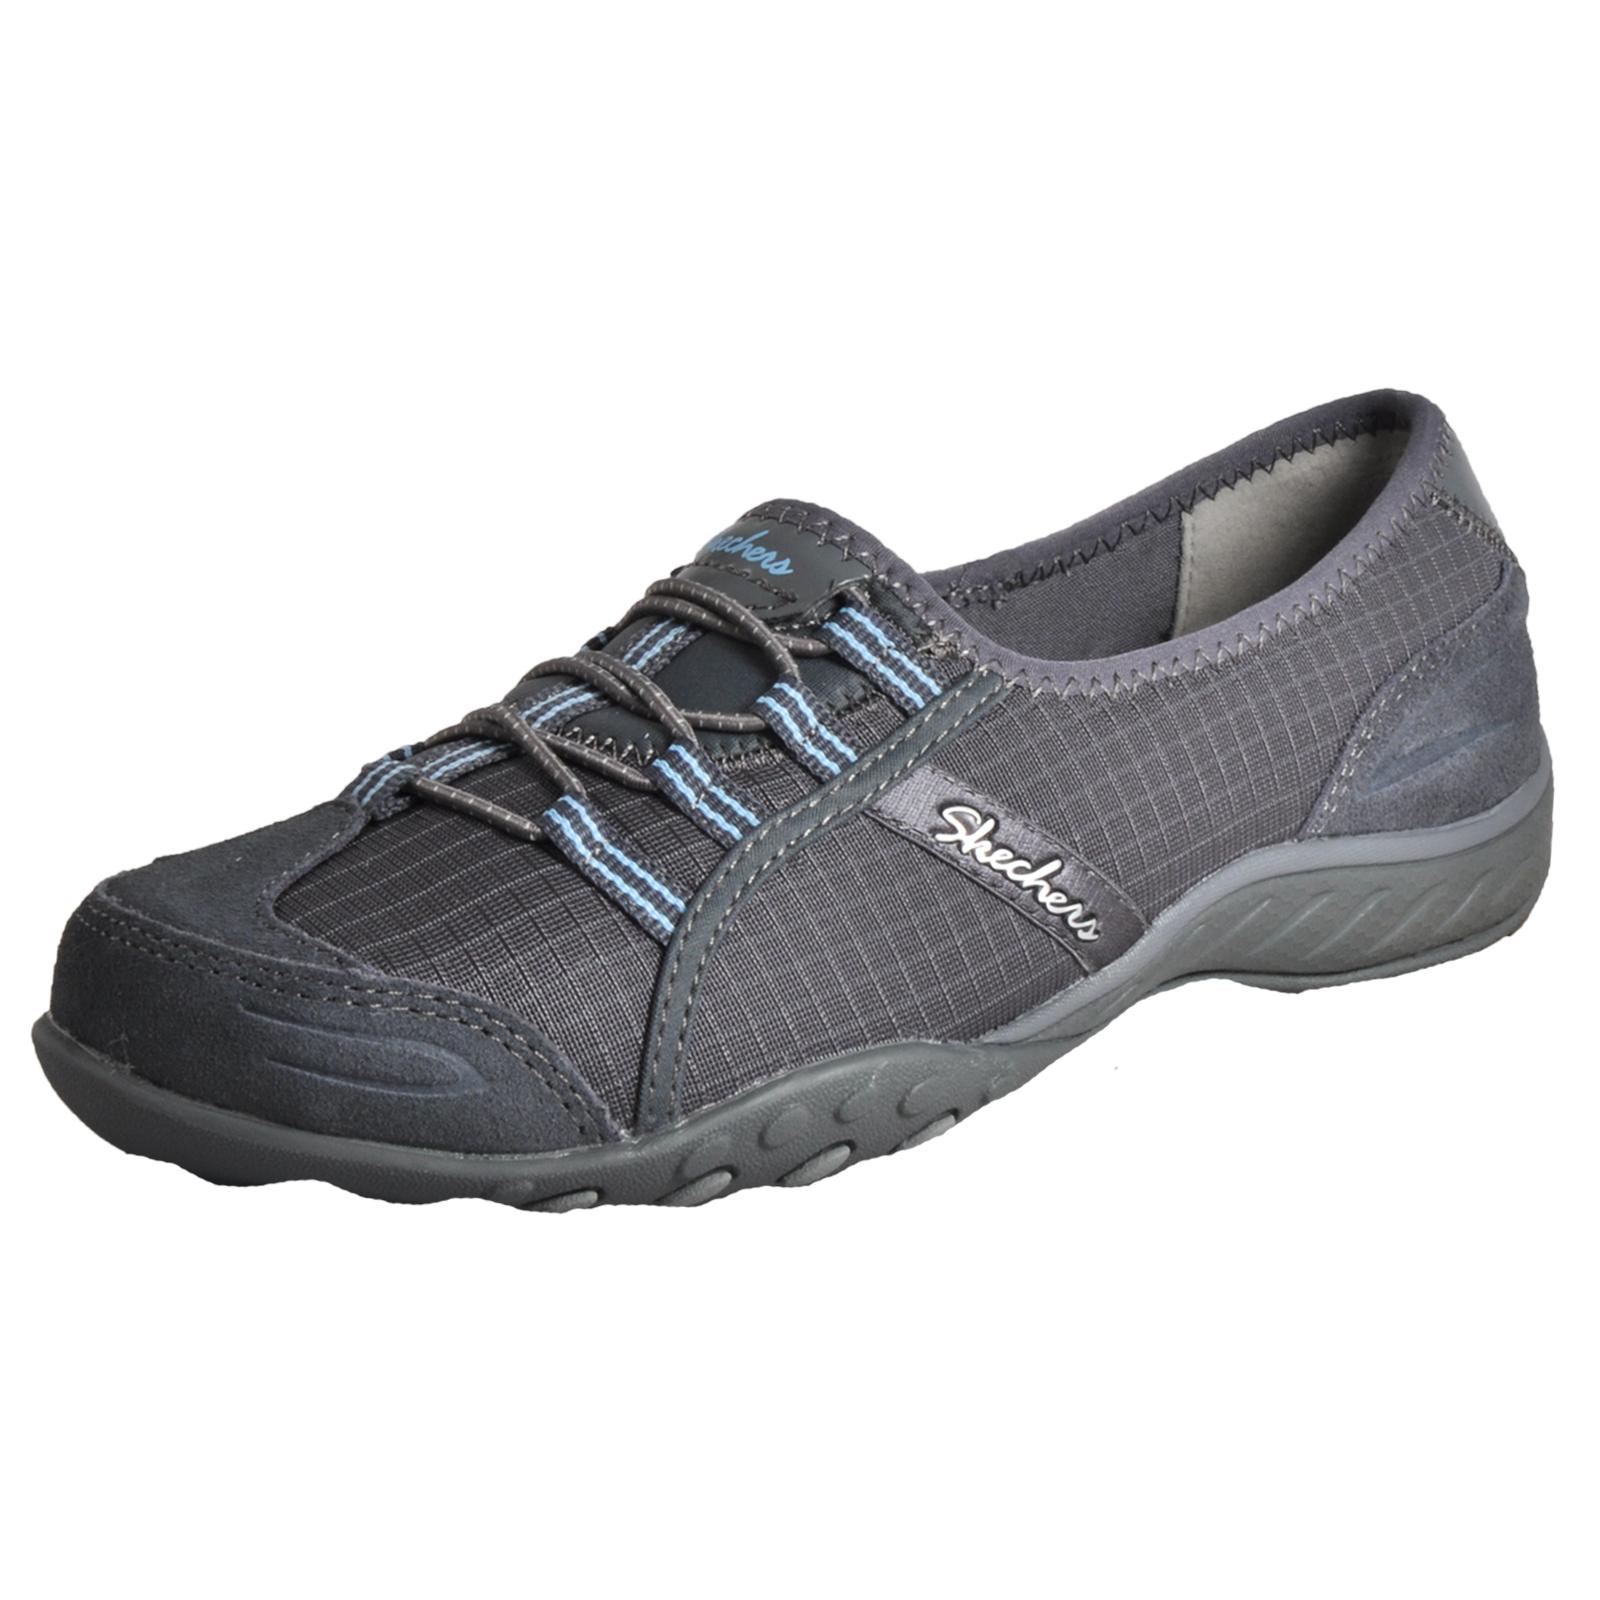 Skechers Breathe Easy Allure Women's Active Wear Slip-On Shoes Memory Foam